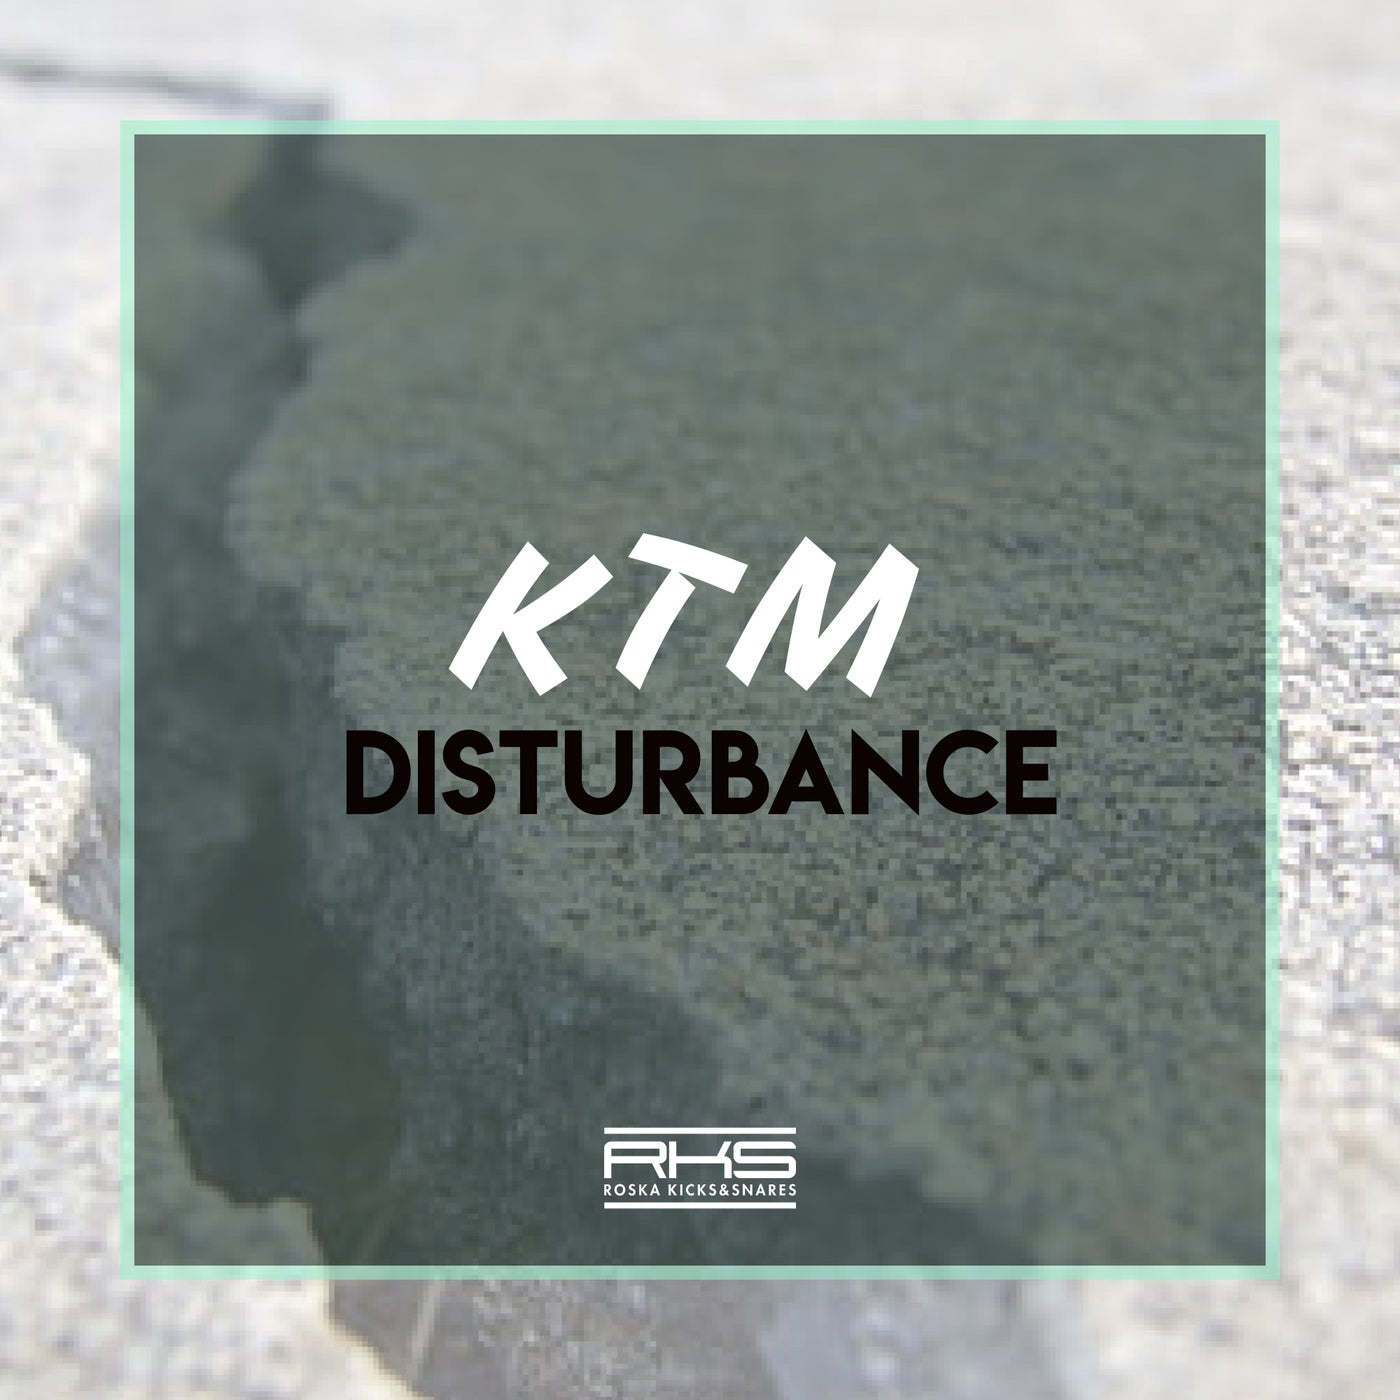 Disturbance (Original Mix)